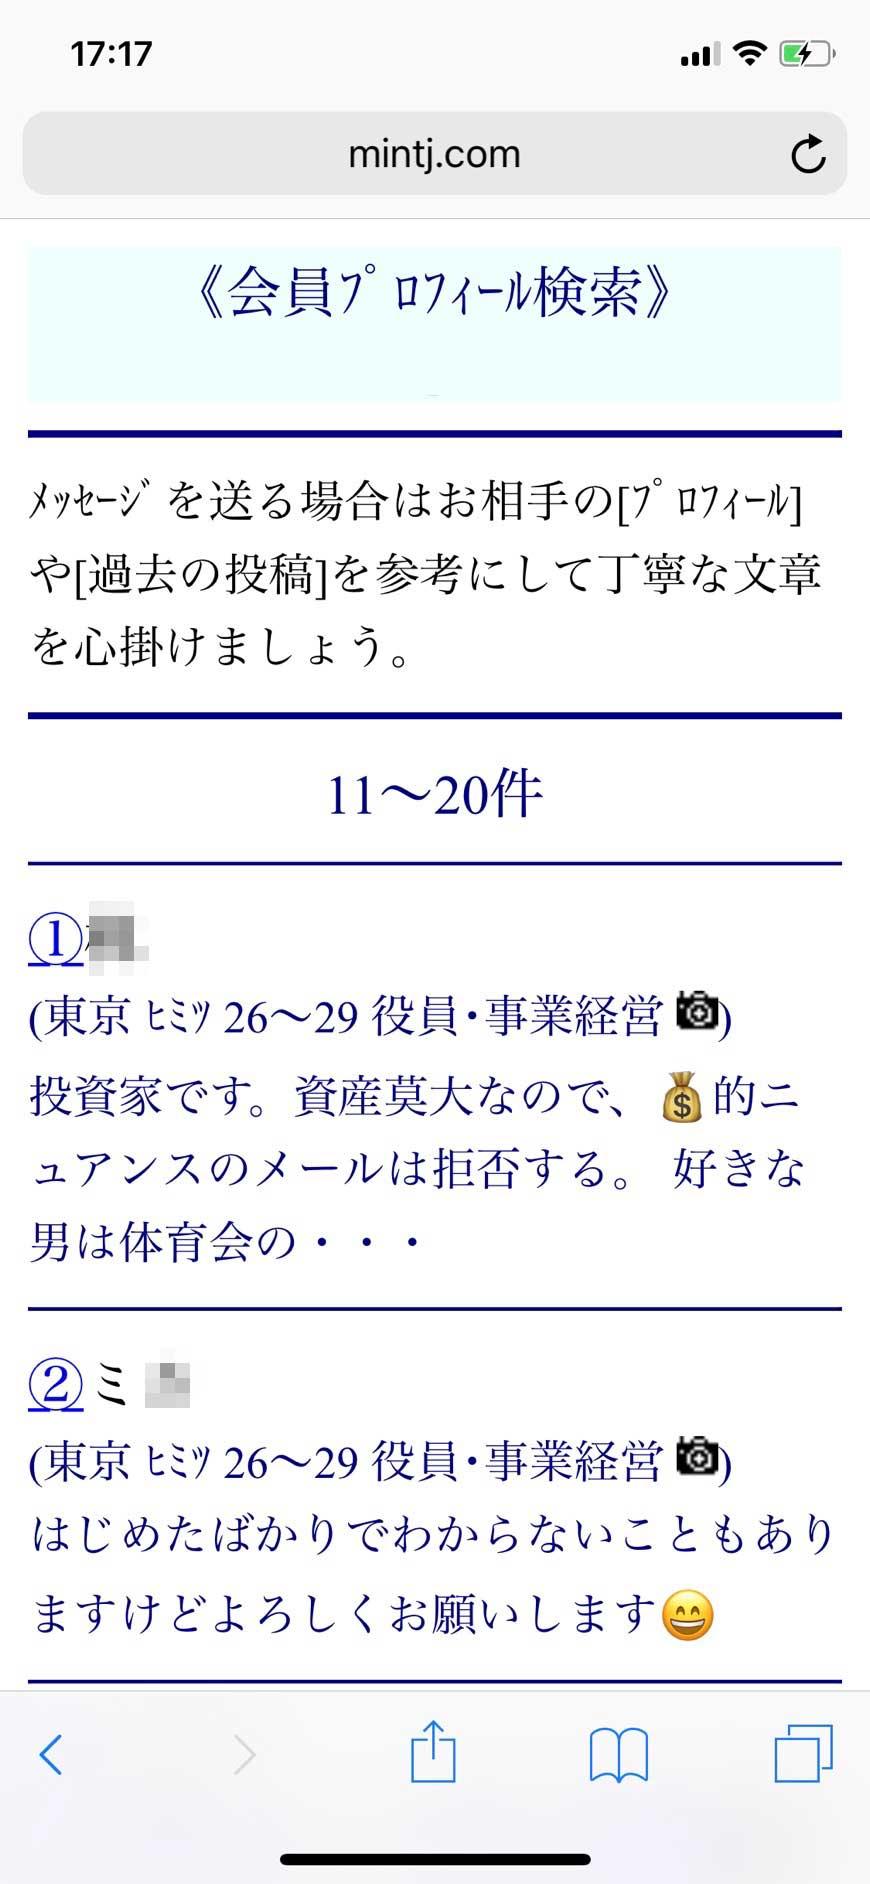 東京・ママ活(Jメール)